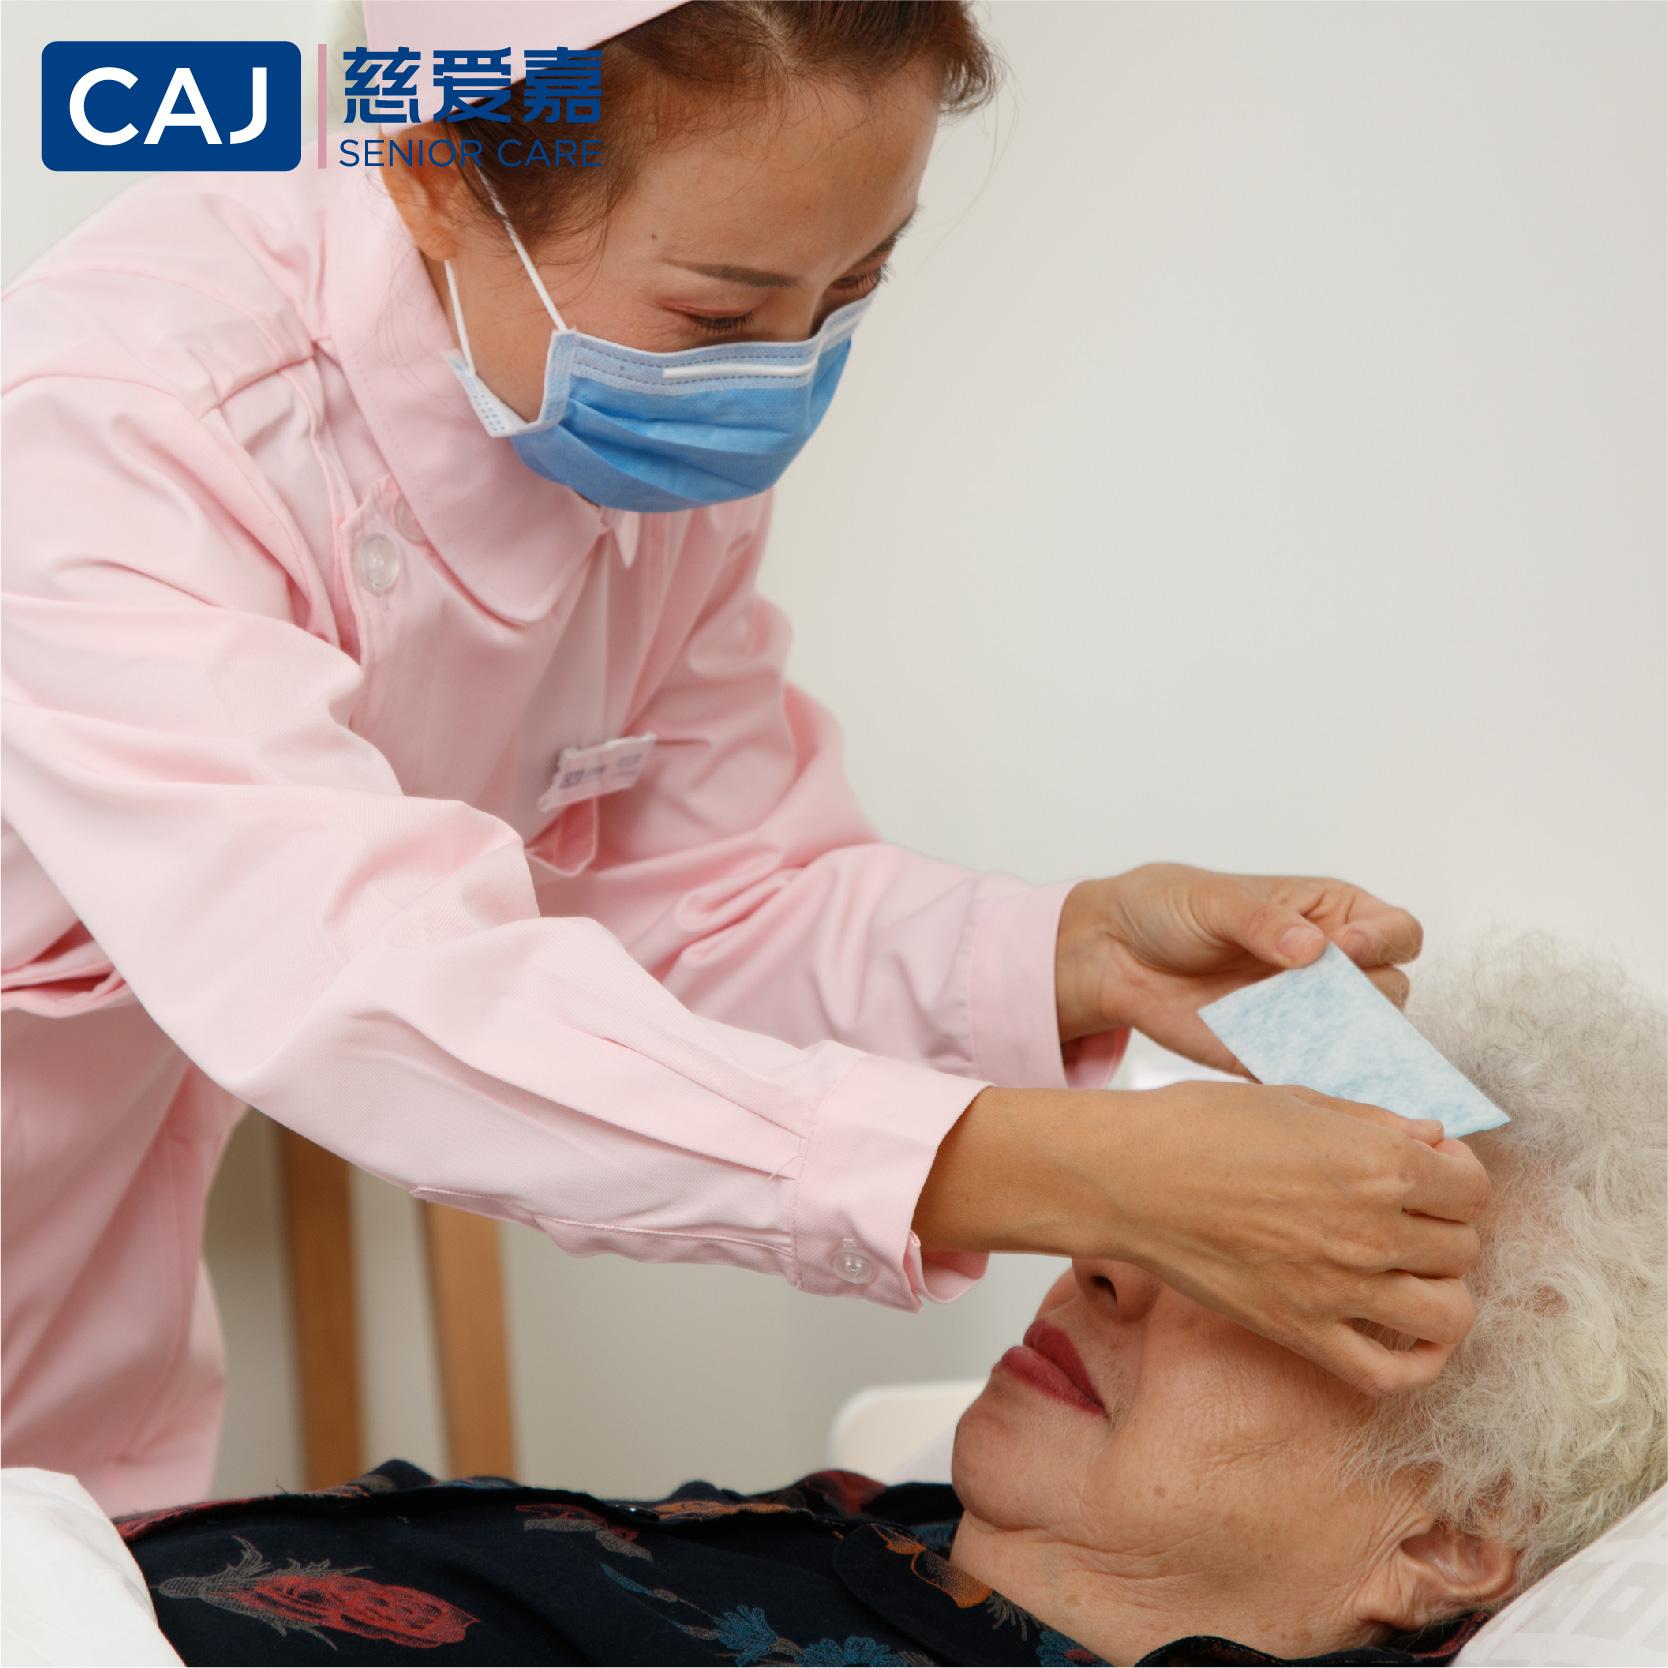 针对心脏病患者的家庭照护者培训